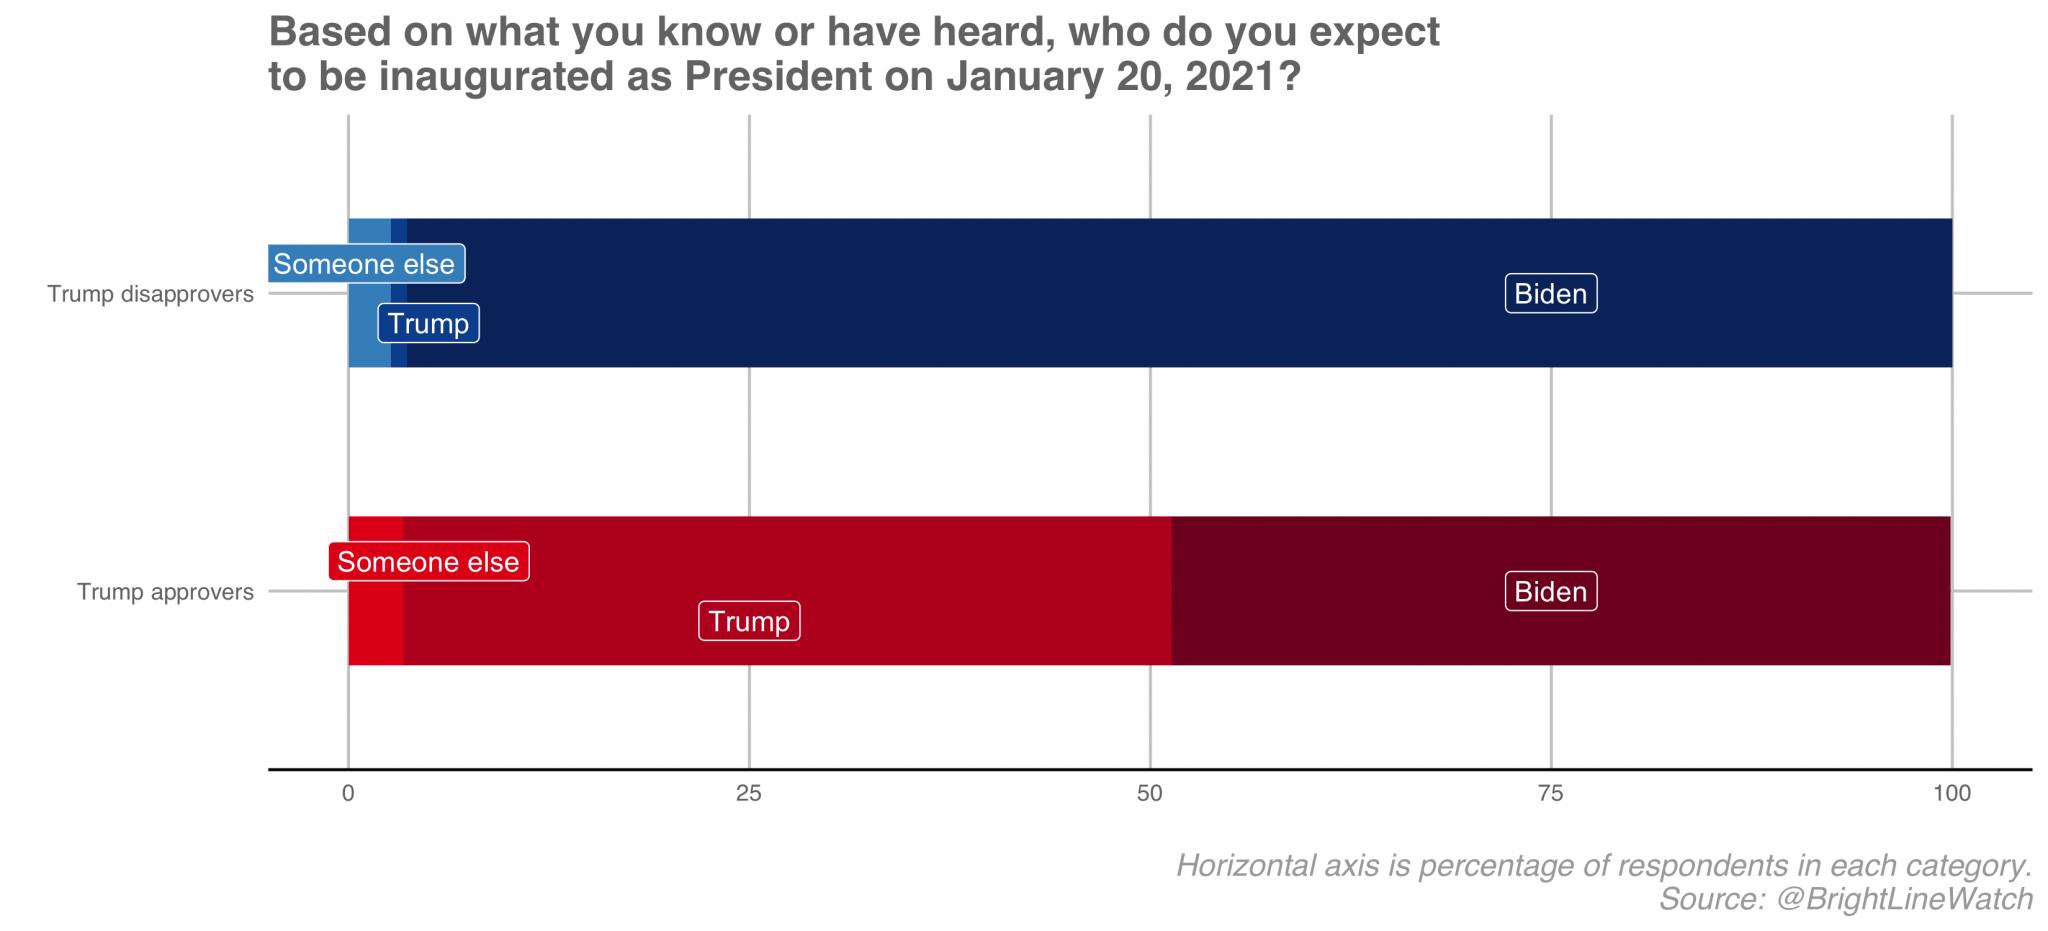 ABD'de yapılan bir araştırmanın sonuçlarını gösteren grafik. Soru 20 Ocak 2021'de ABD'de başkanlık koltuğuna kimin oturacağı. Trump'ı desteklemeyenlerin hemen hepsi Biden'ın başkanlığa başlayacağını biliyor ama Trump destekçilerinin neredeyse yarısı Trump'ın ikinci döneminin başlayacağını düşünüyor.